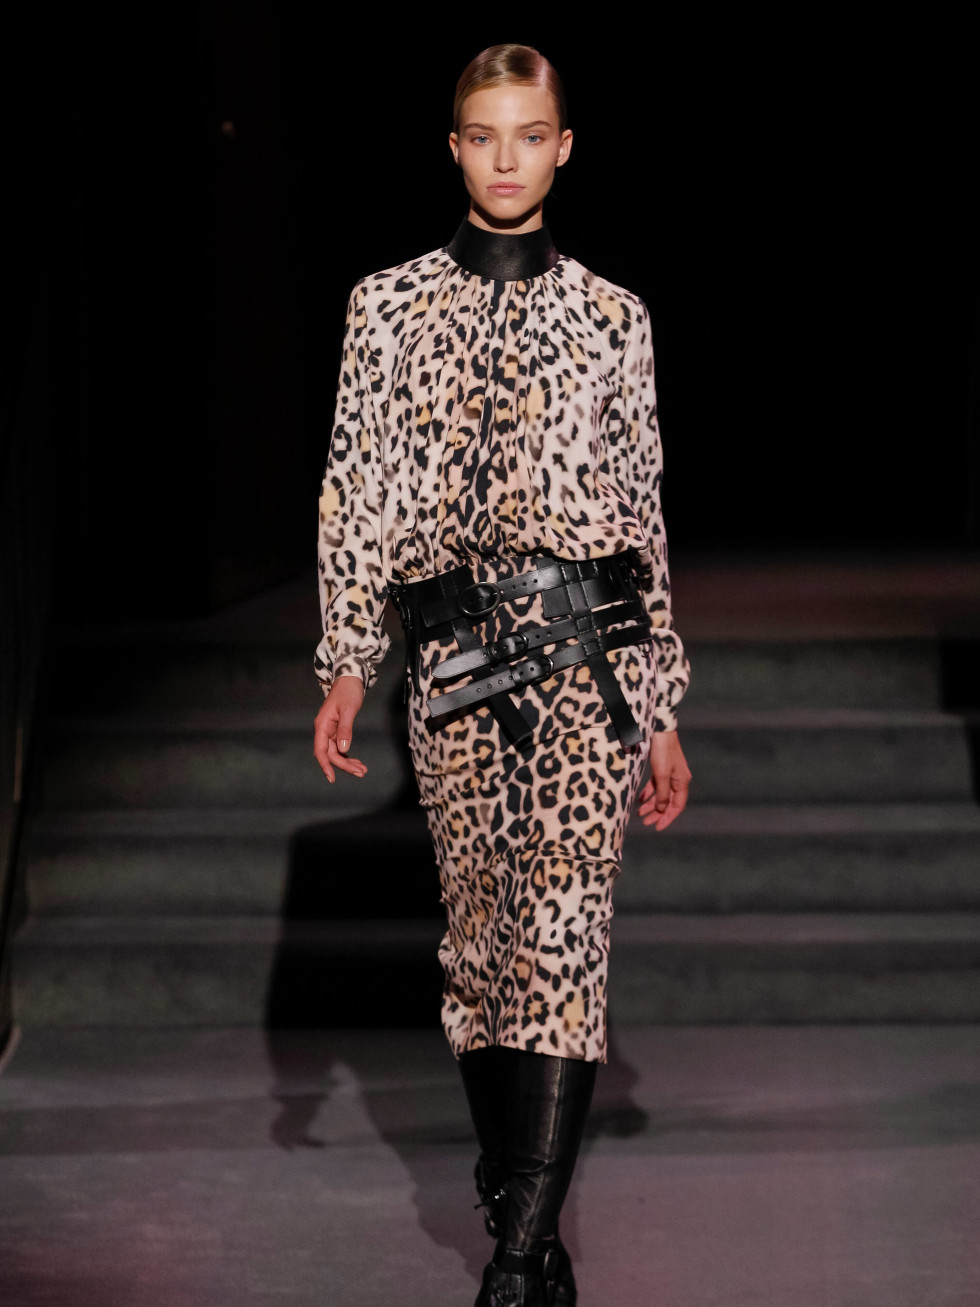 Tom Ford look 22 leopard print dress